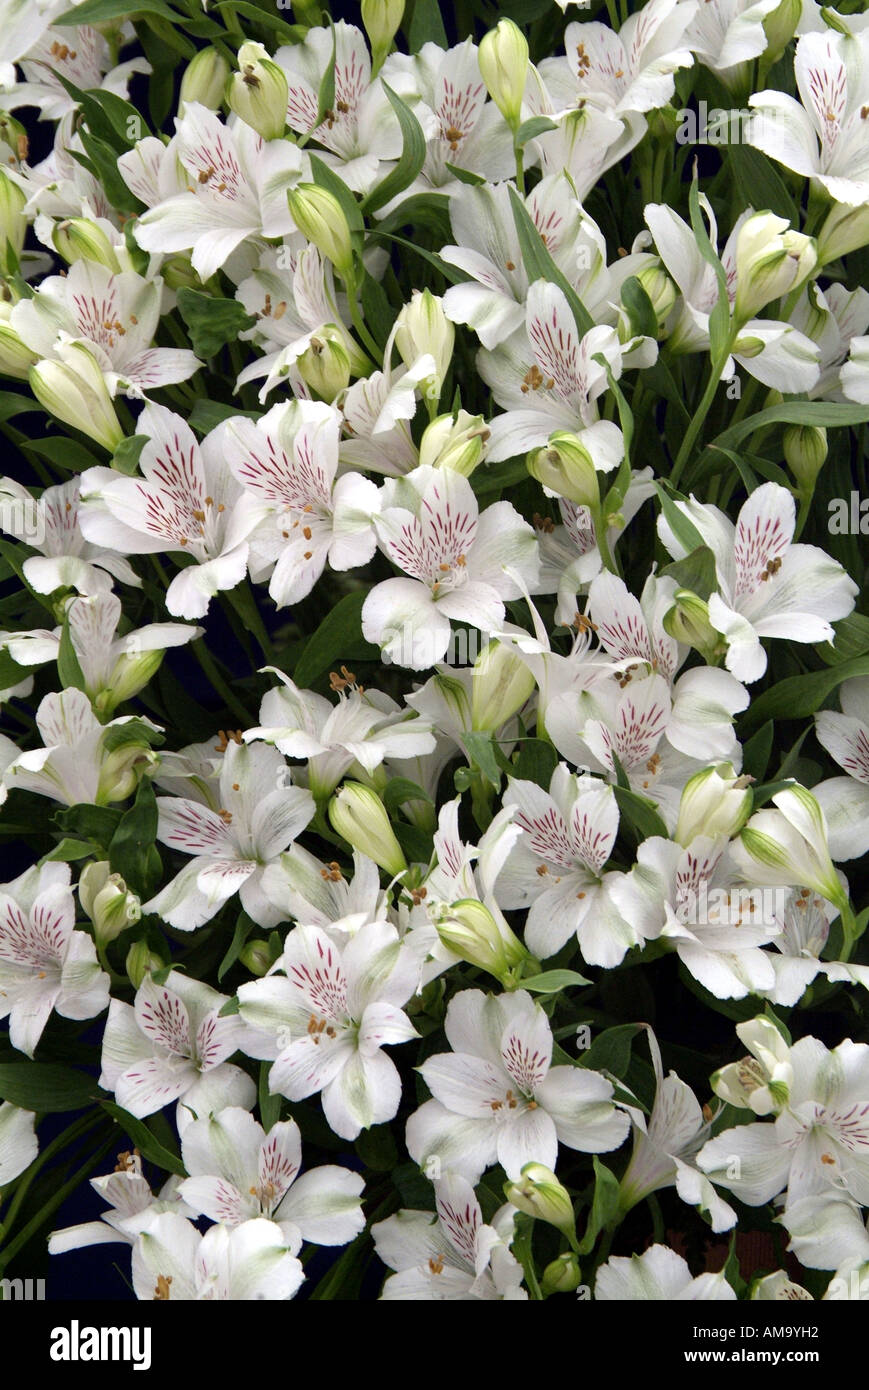 Alstroemeria Virginia lirio peruano jefe bloom macetas de pétalos de colores pastel tropicales exóticos gases invernadero cultiva bombilla Foto de stock